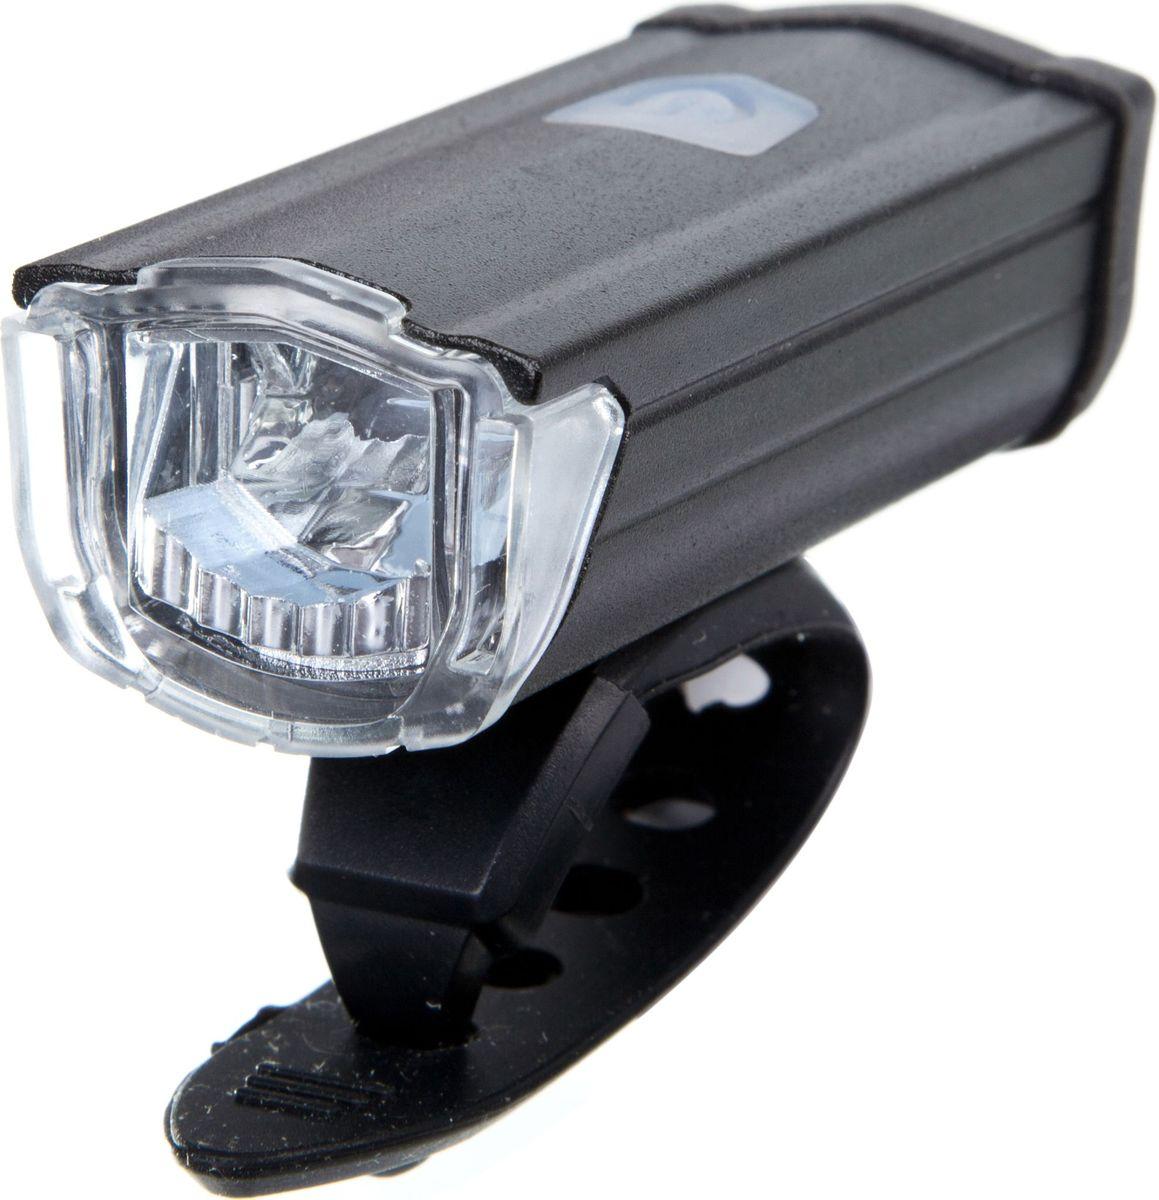 Фонарь велосипедный STG JY7040, передний, с зарядкой от USB, цвет: черныйХ81483Передний велофонарь STG JY7040 предназначен для обеспечения большей безопасности при поездках в темное время суток. Он легко крепится и снимается без дополнительных инструментов. Корпус изделия выполнен из прочного алюминия, пластика и резины. Фонарь имеет 3 режима: 100% свечение (1,5 часа), 50% свечение (2,5 часа), мерцание (2,5 часа).Фонарь питается от литиевой батарейки (3,7V/550mAh), заряжающегося от компьютера при помощи USB кабеля.